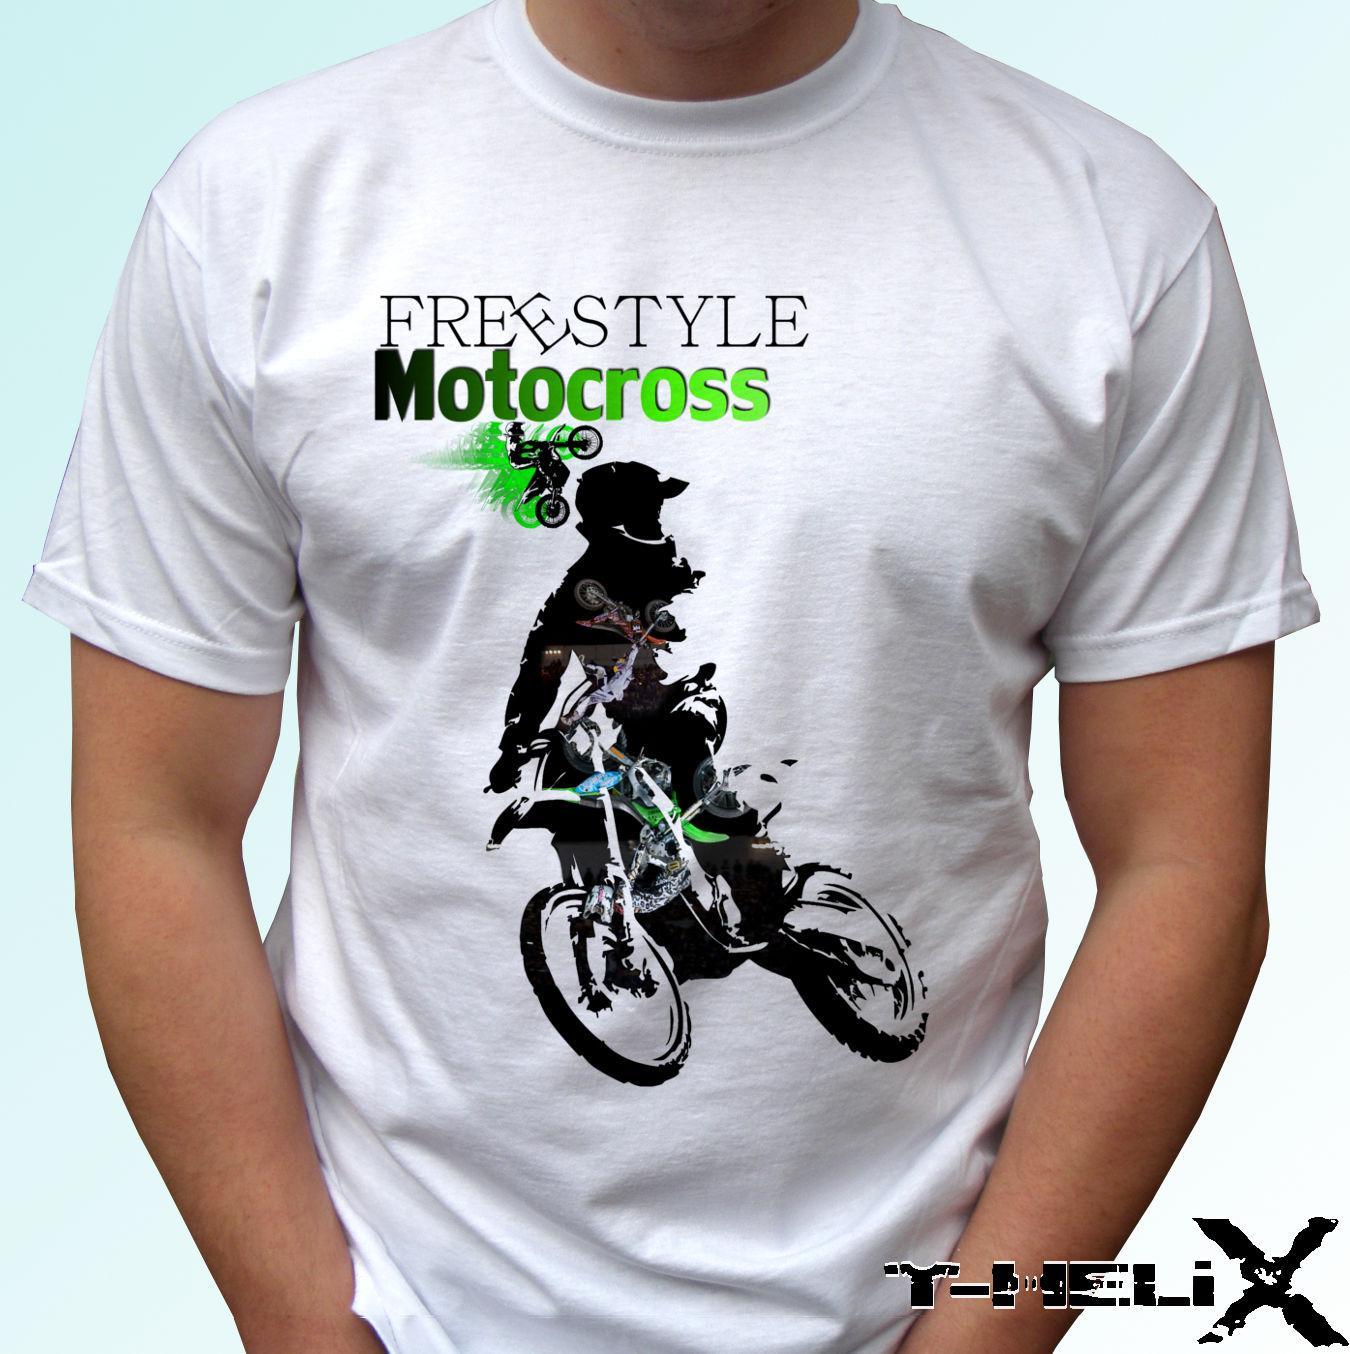 Blanca Top Y Gratuito Freestyle Unisex De Deporte MujeresHombresMujeres MotocrossCamiseta Casual Diseño Para BebésBabyfunnyEnvío 7gYbf6vy